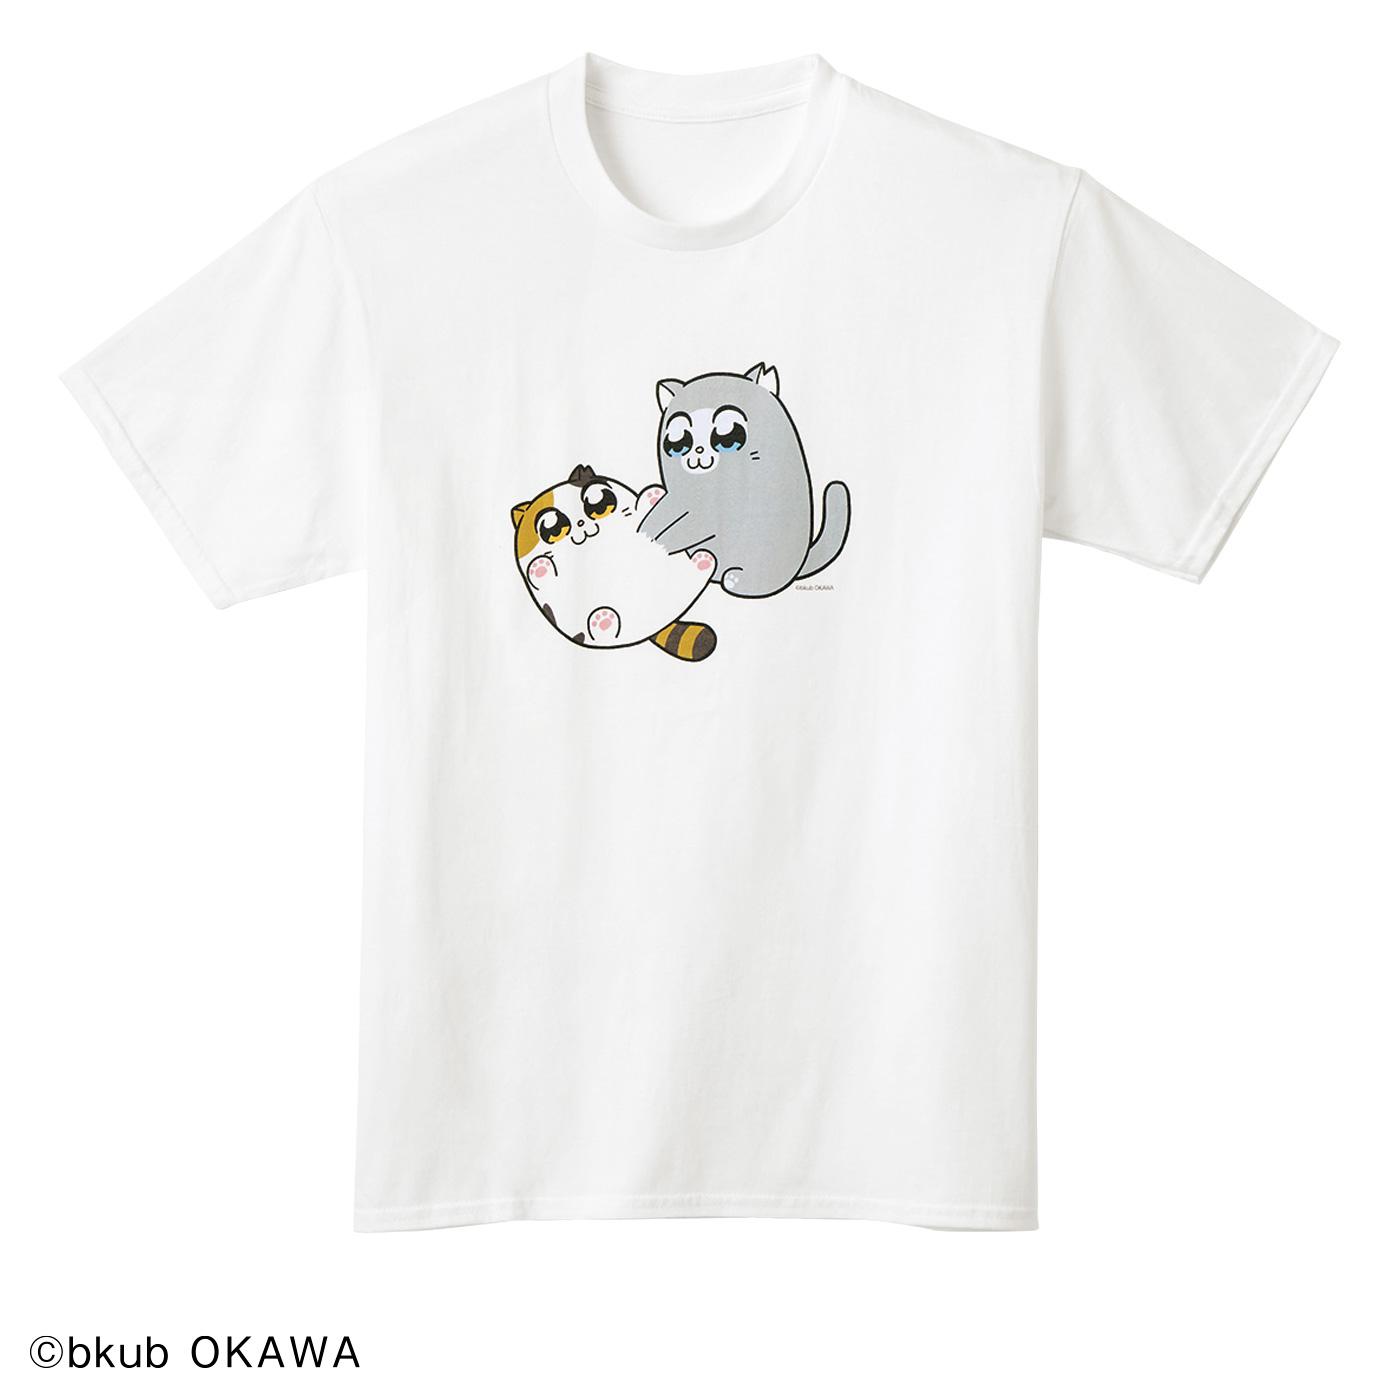 フェリシモ猫部|猫部×大川ぶくぶ 地域猫チャリティーTシャツ2020